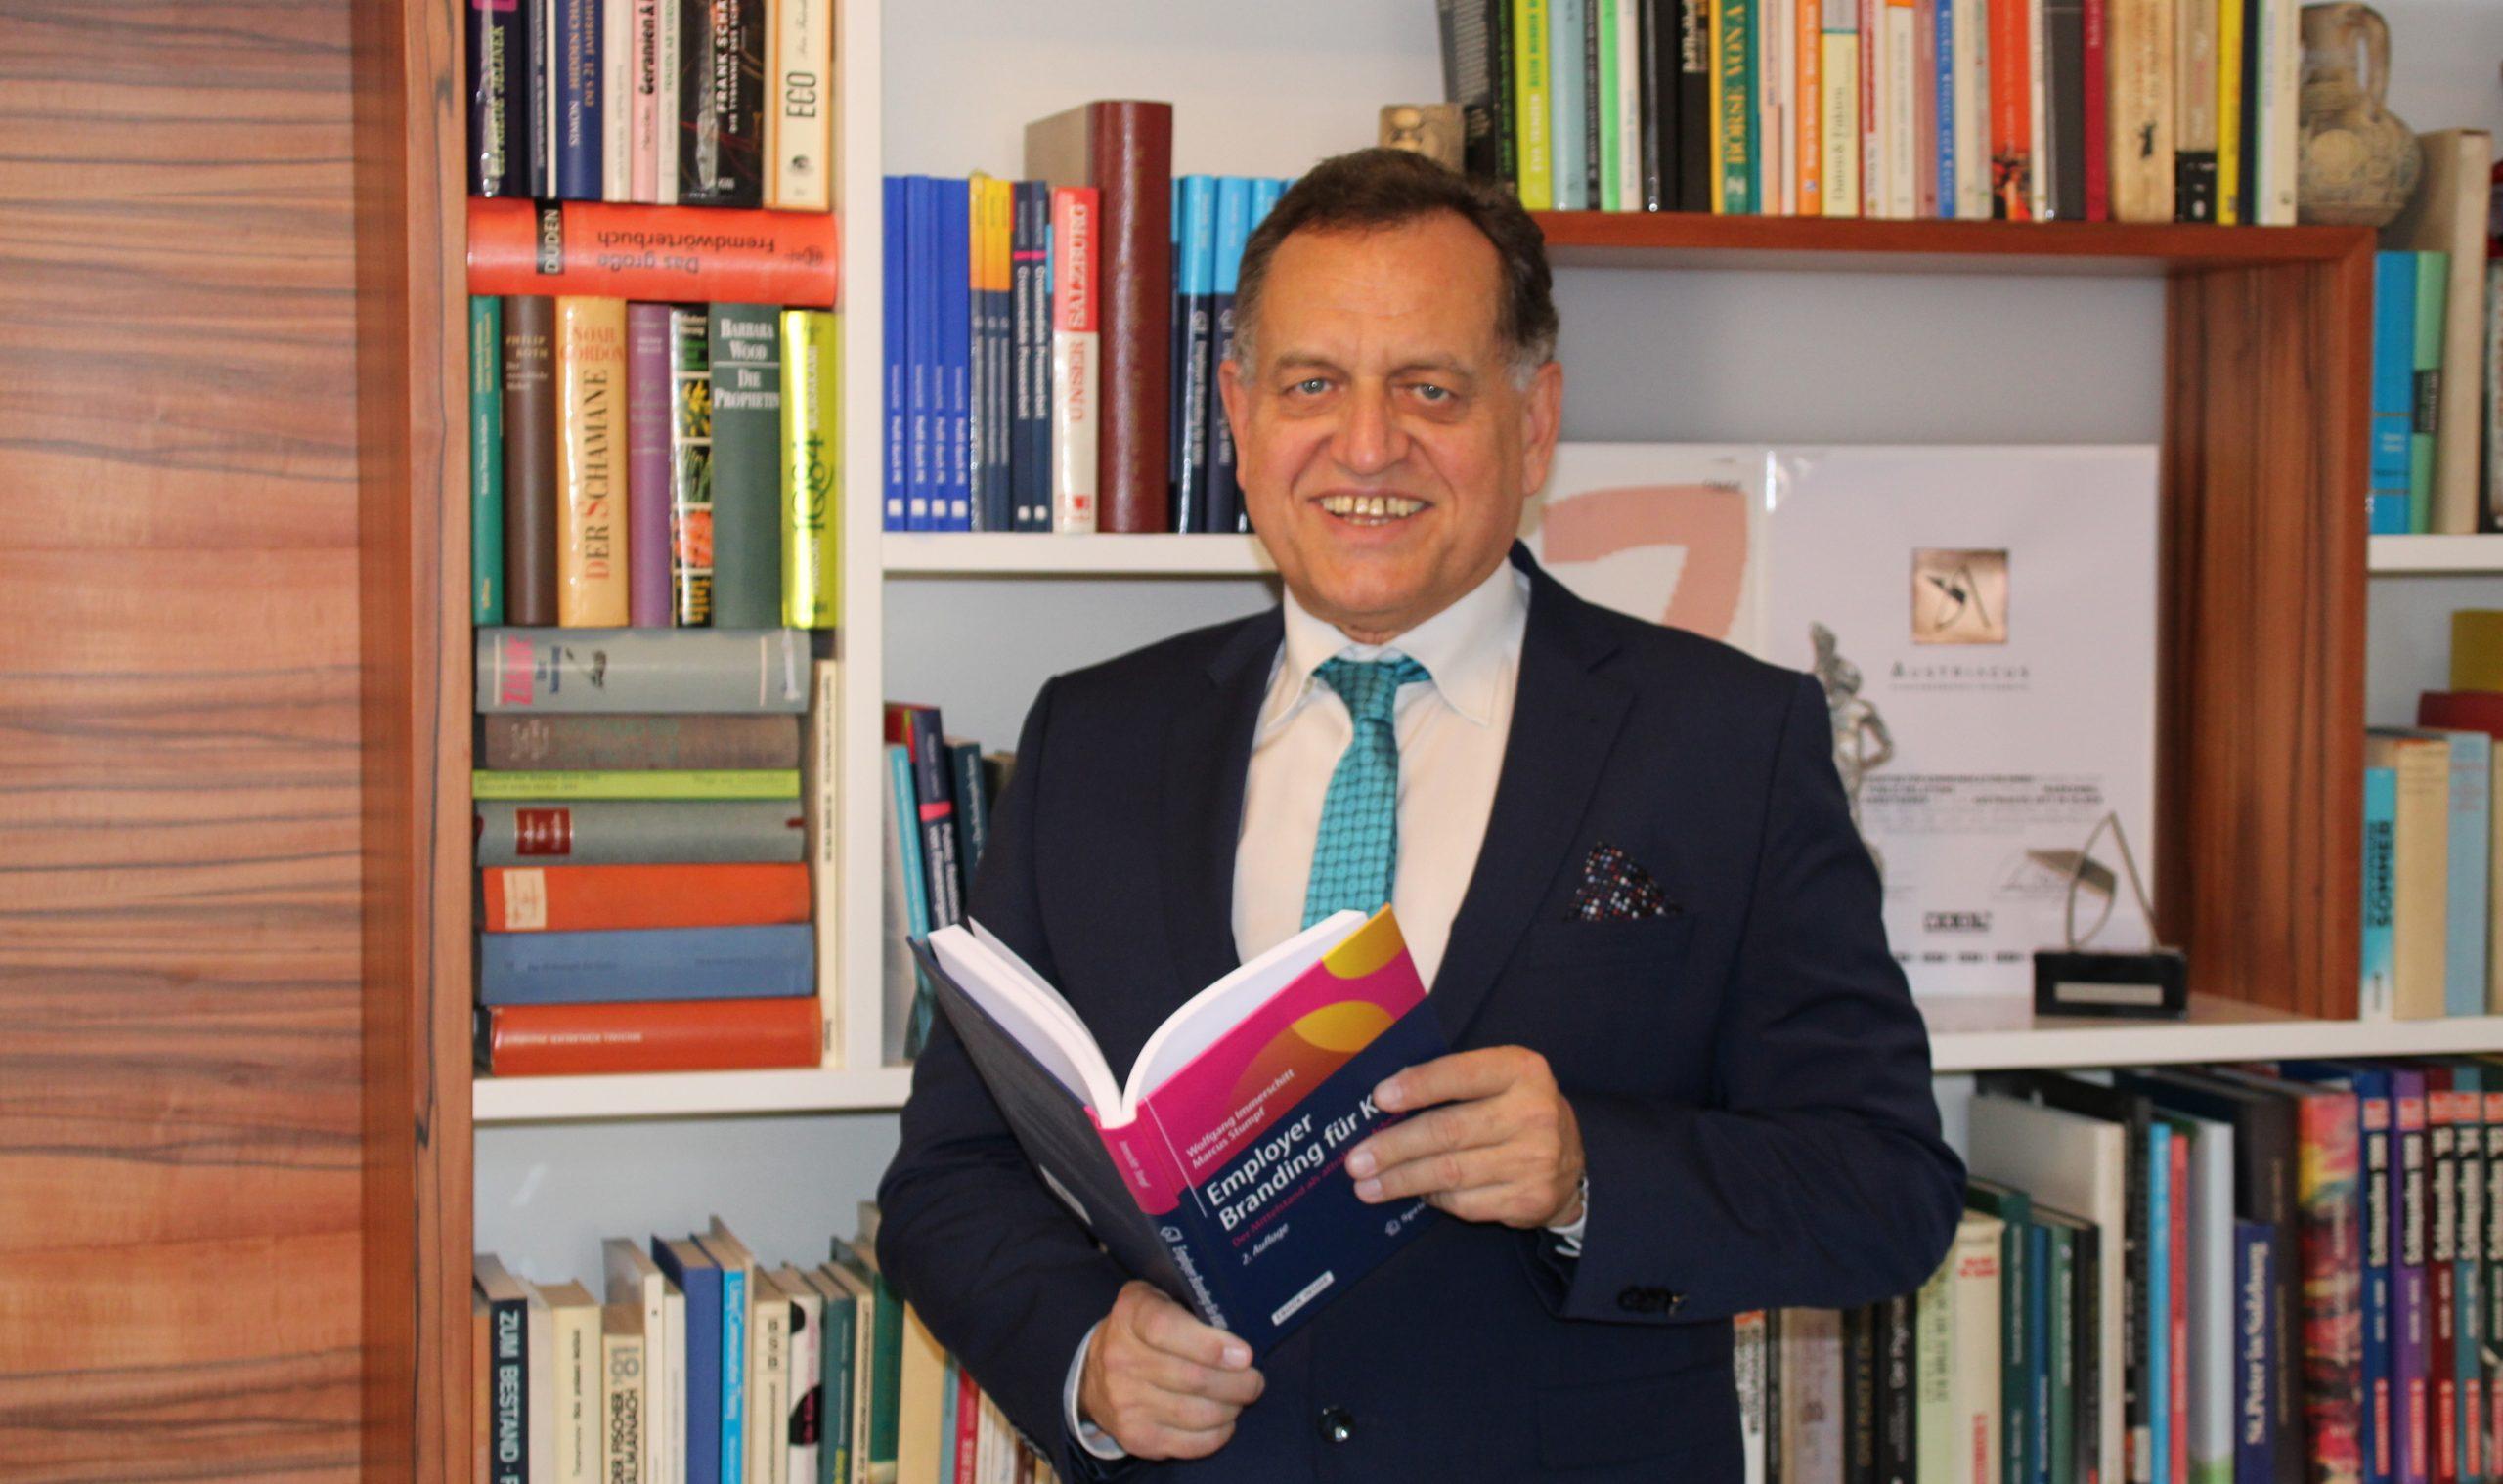 Dr. Wolfgang Immerschitt